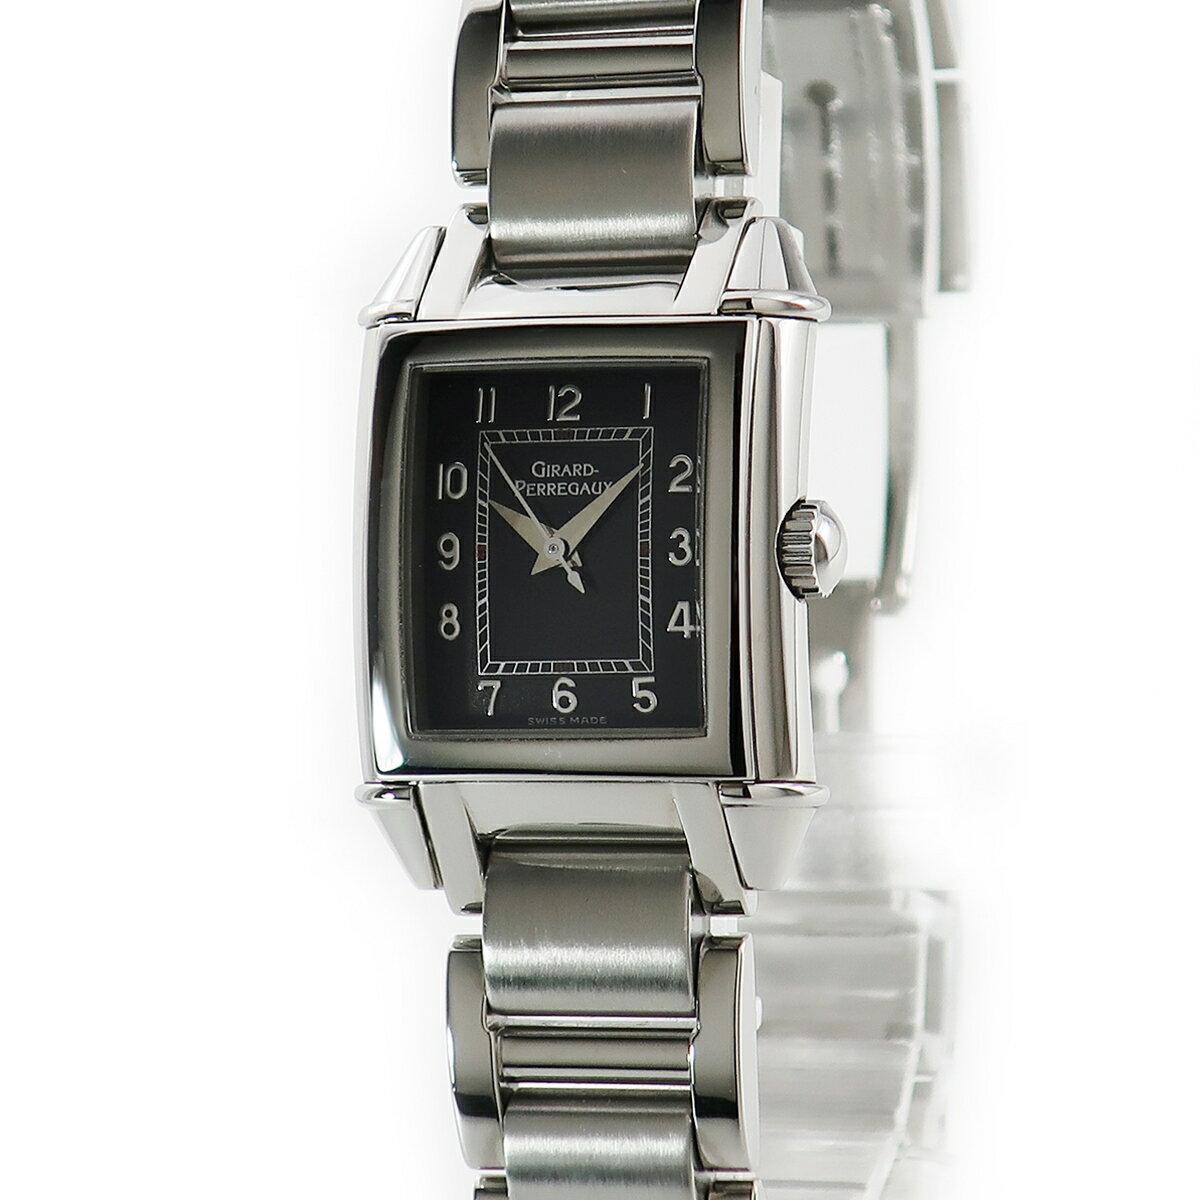 腕時計, レディース腕時計  GIRARD PERREGAUX 1945 25900.1.11.615